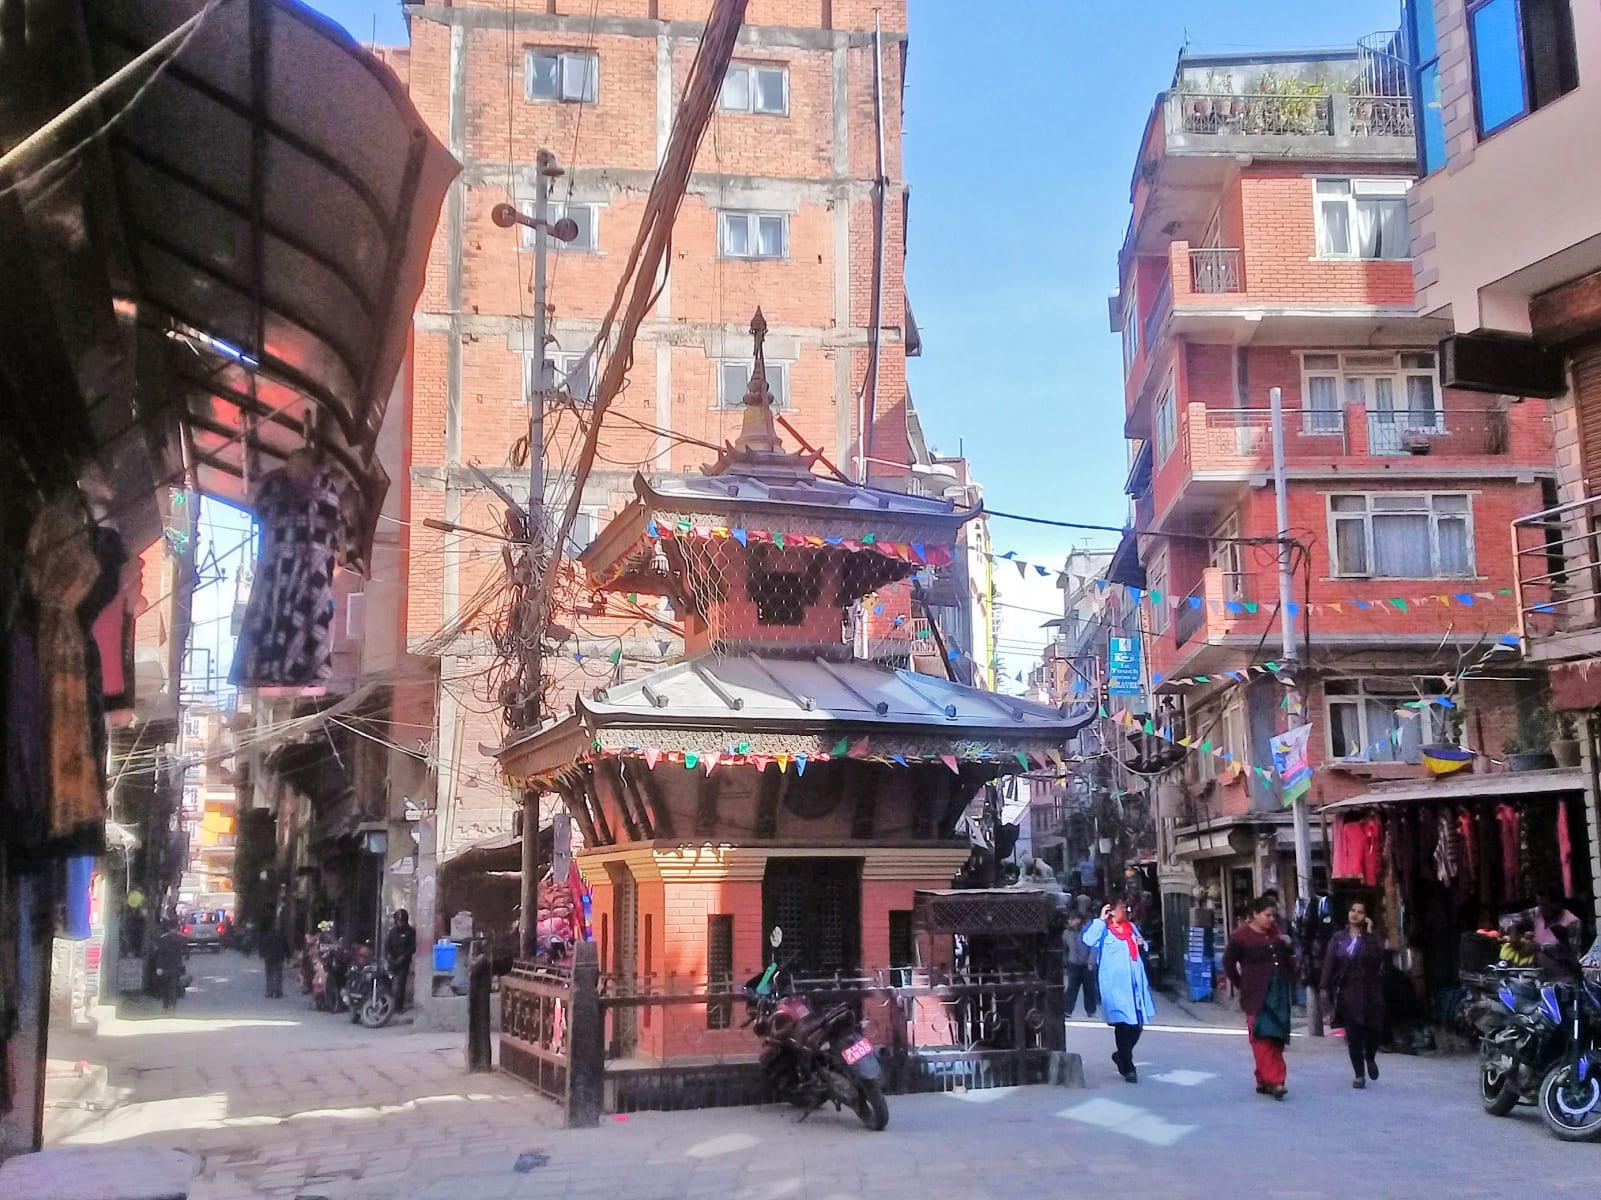 Z ulic Káthmándú, Nepál